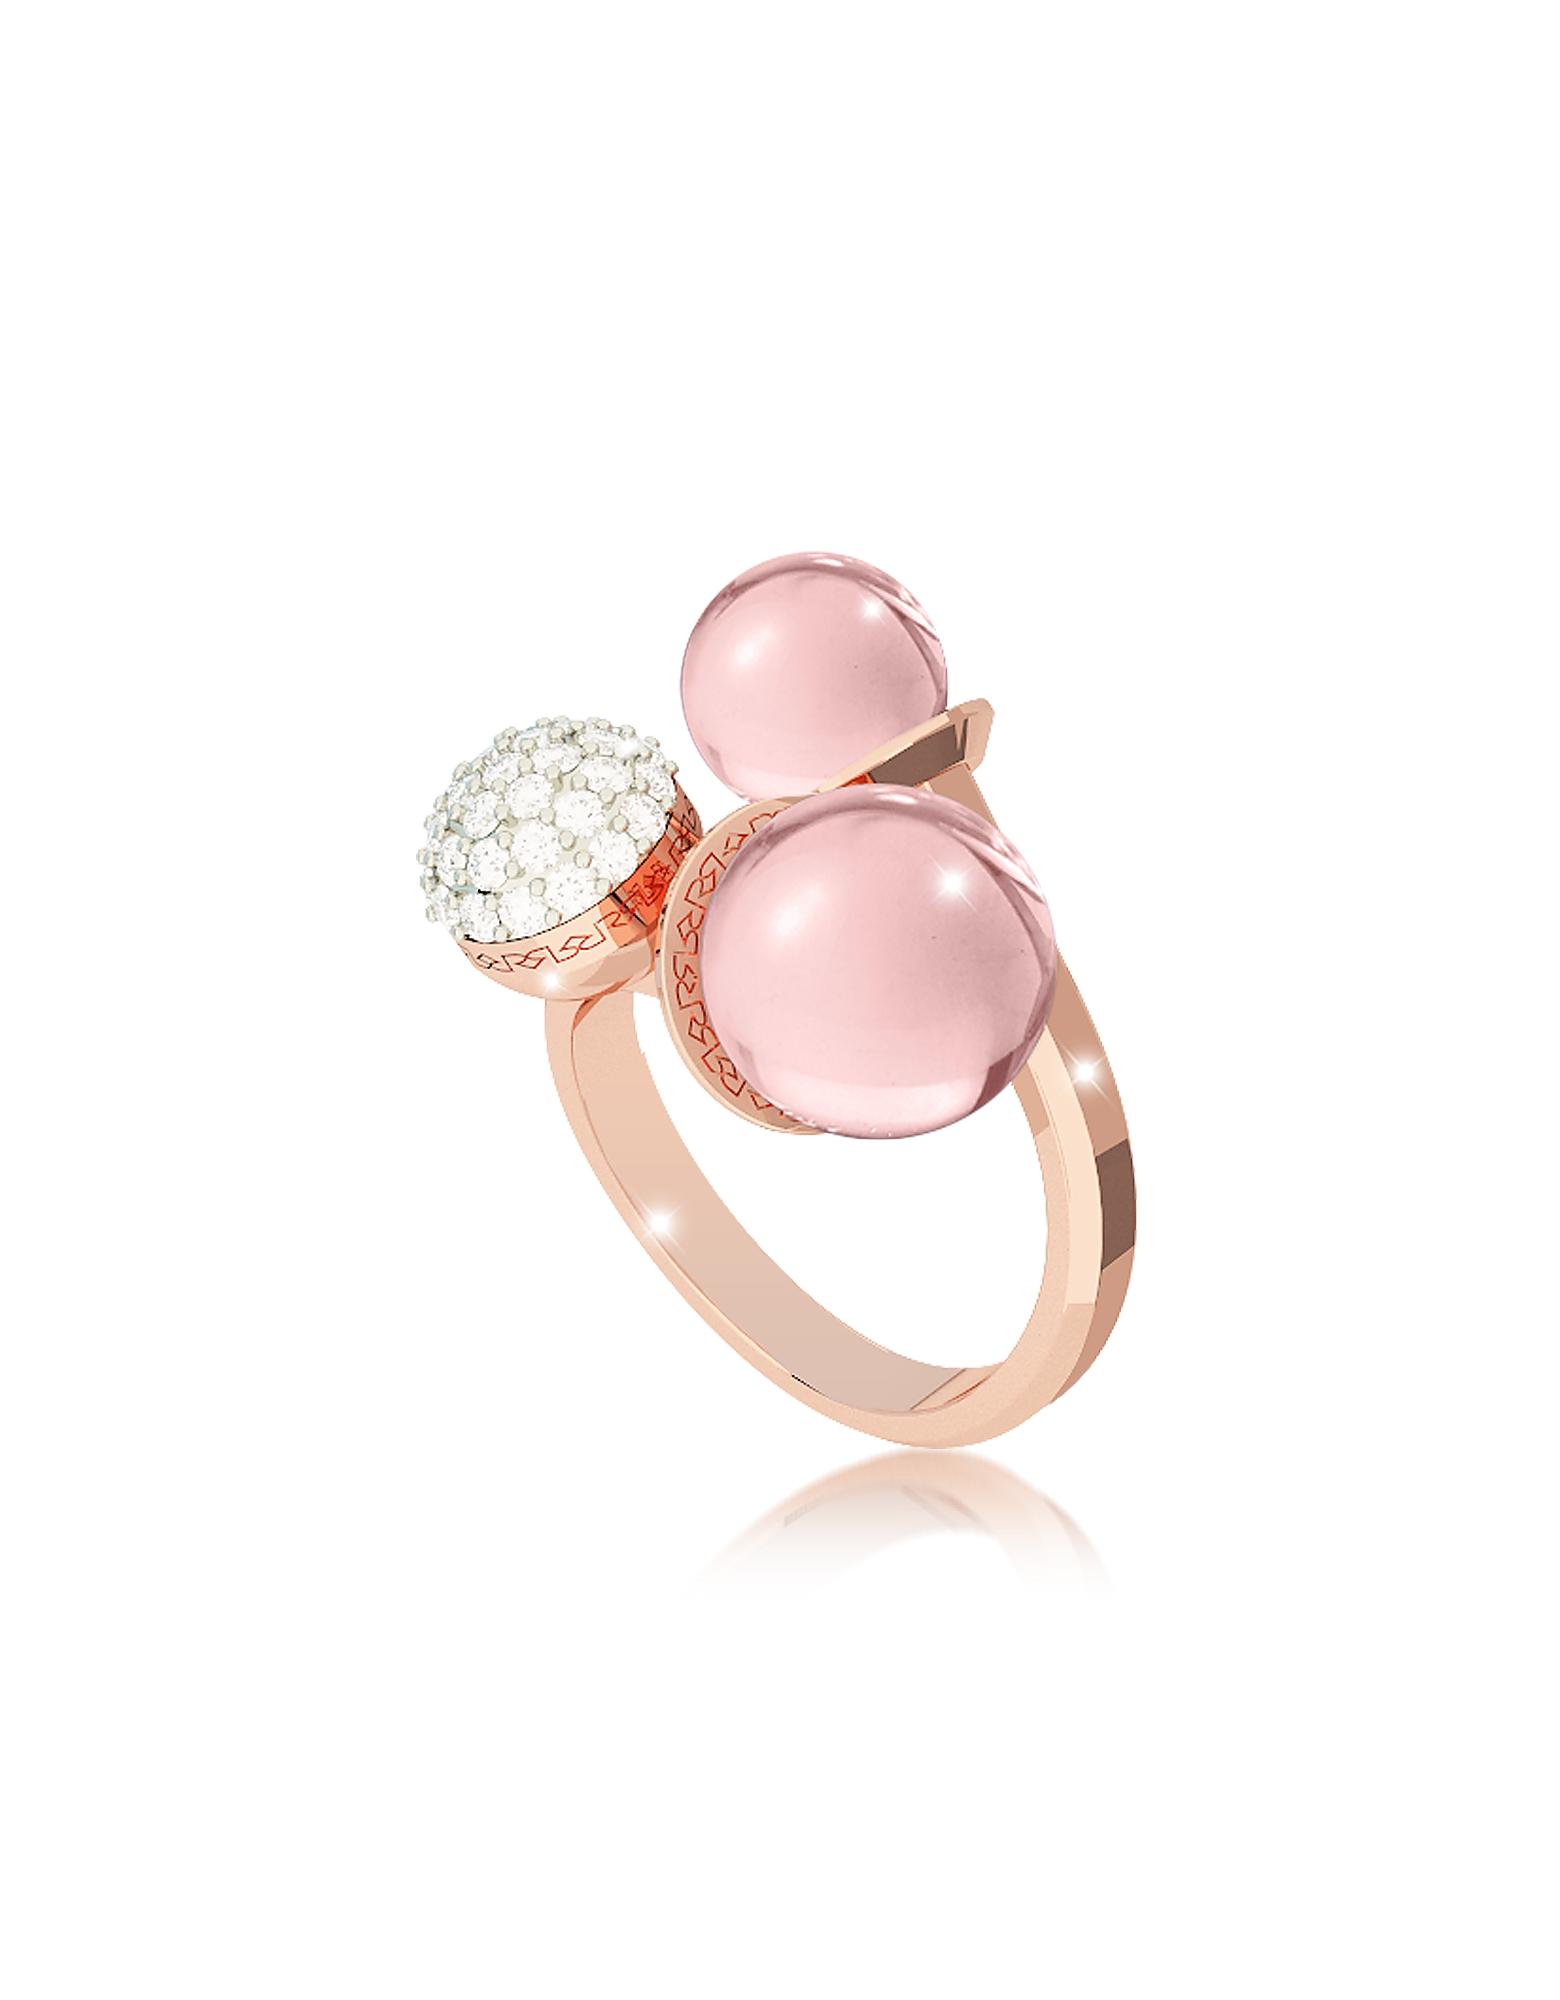 Boulevard Anello in Bronzo Oro Rosa, Cristalli e Perle Idrotermali Rosa Antico